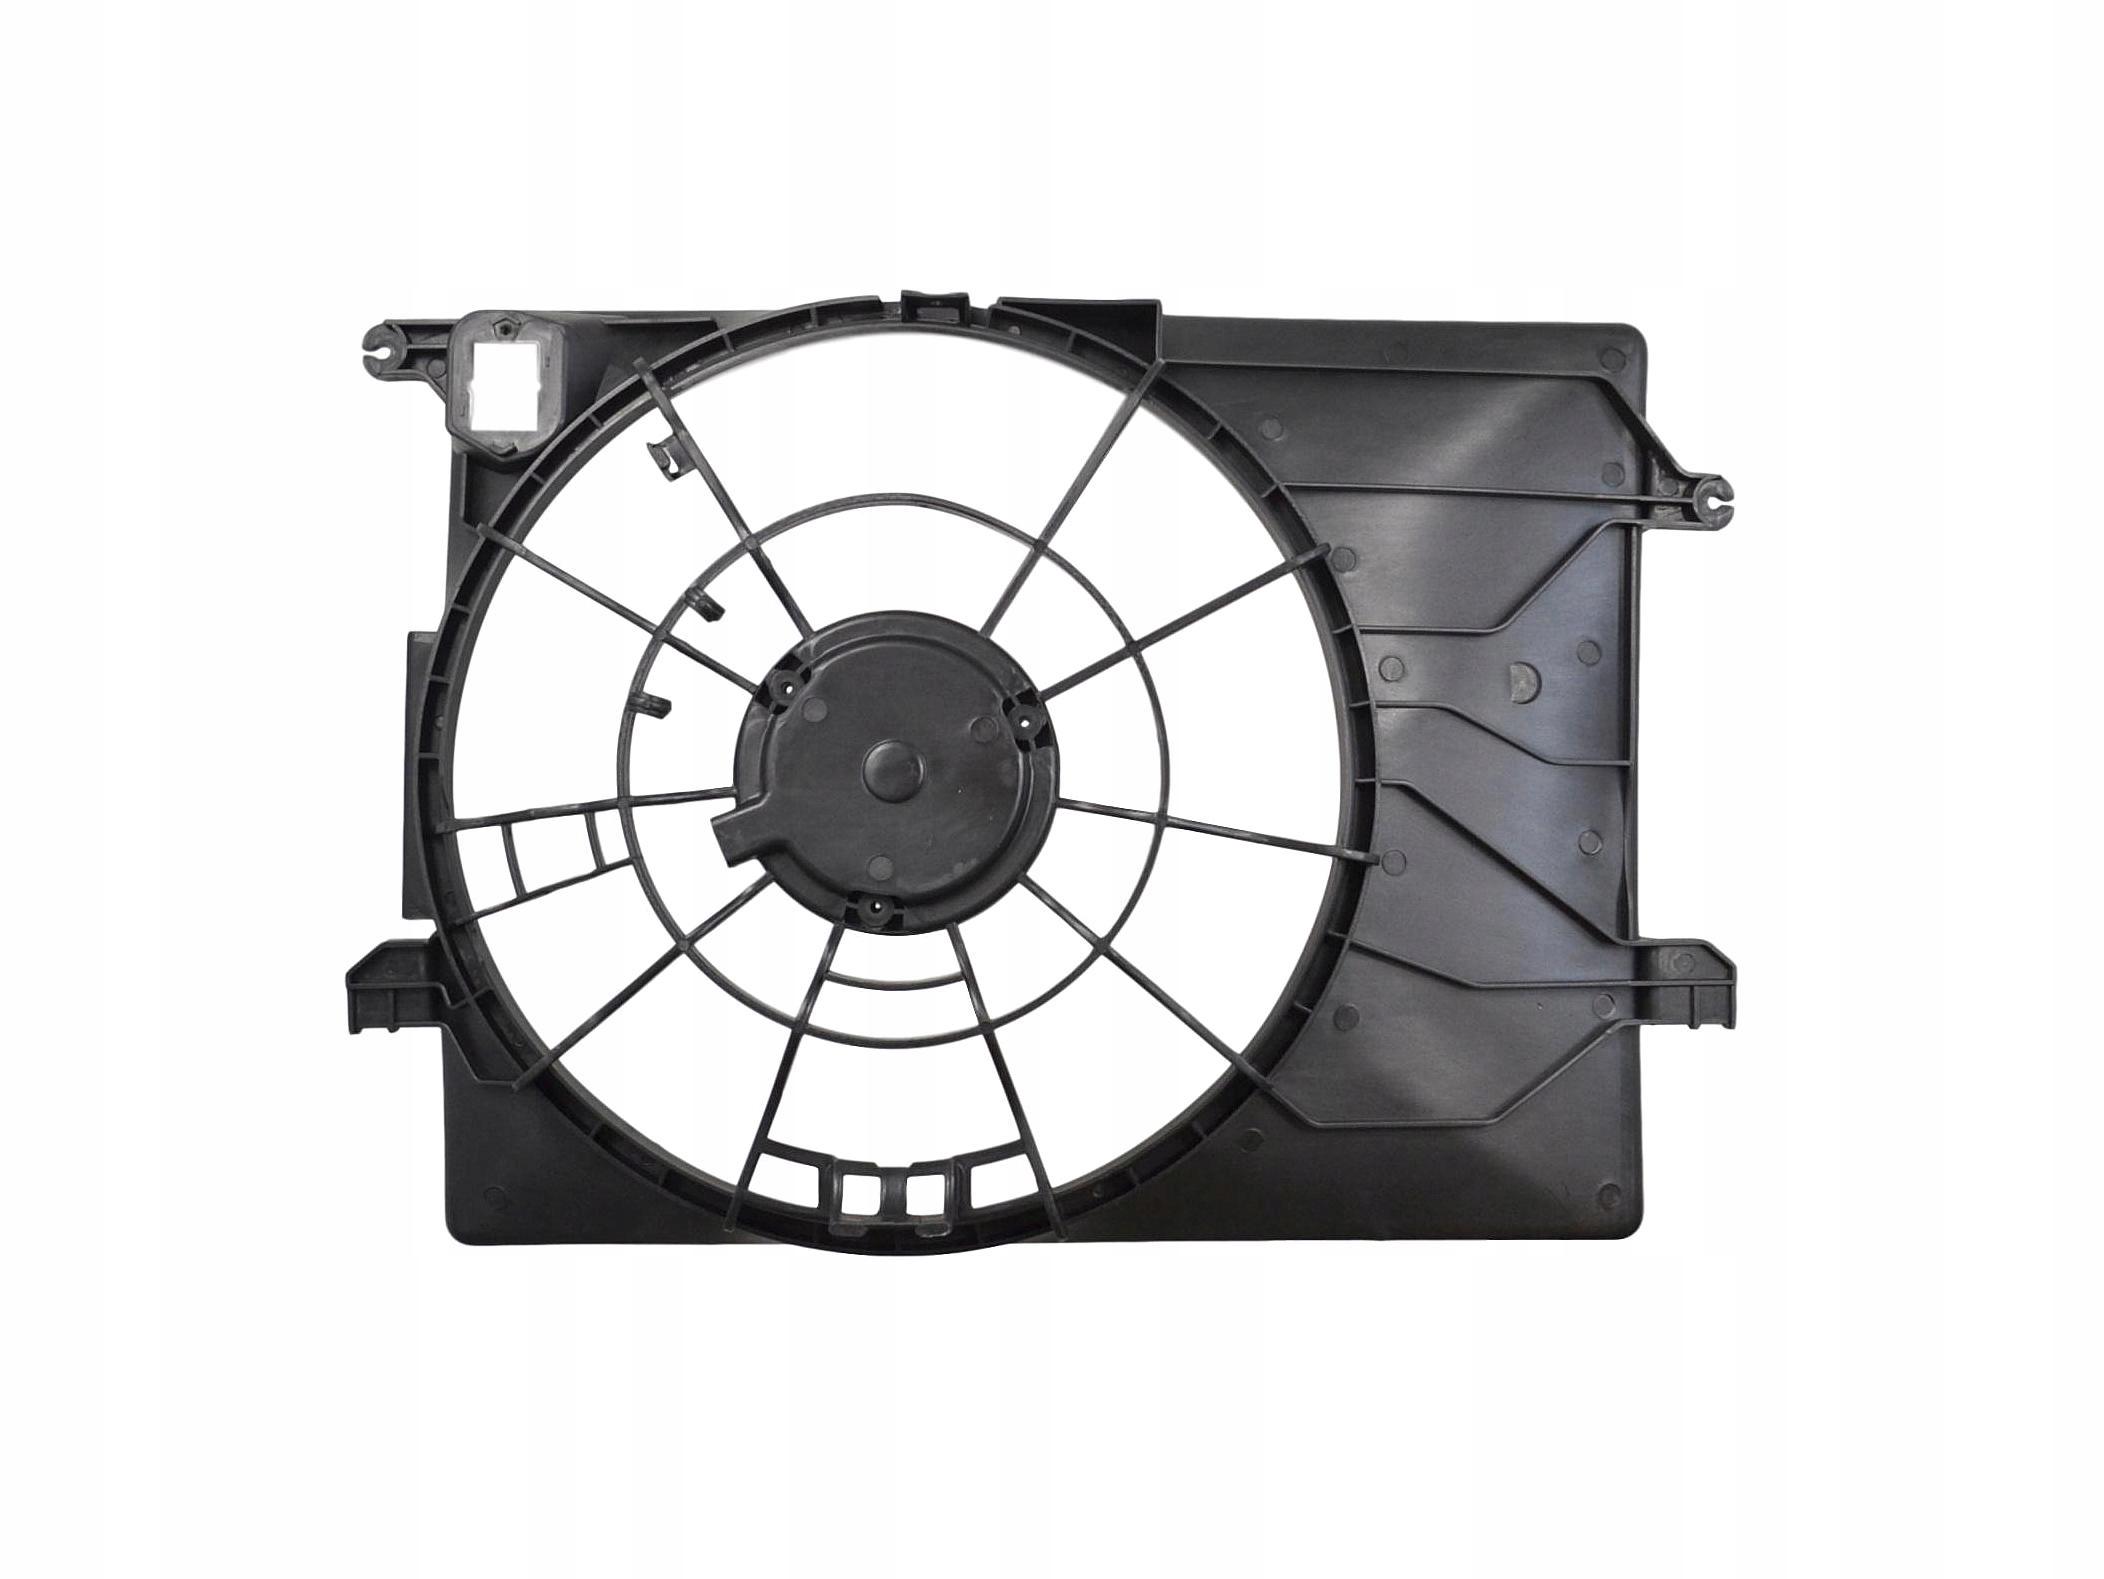 новая корпус вентилятора hyundai i40 1 6 2 0 11-